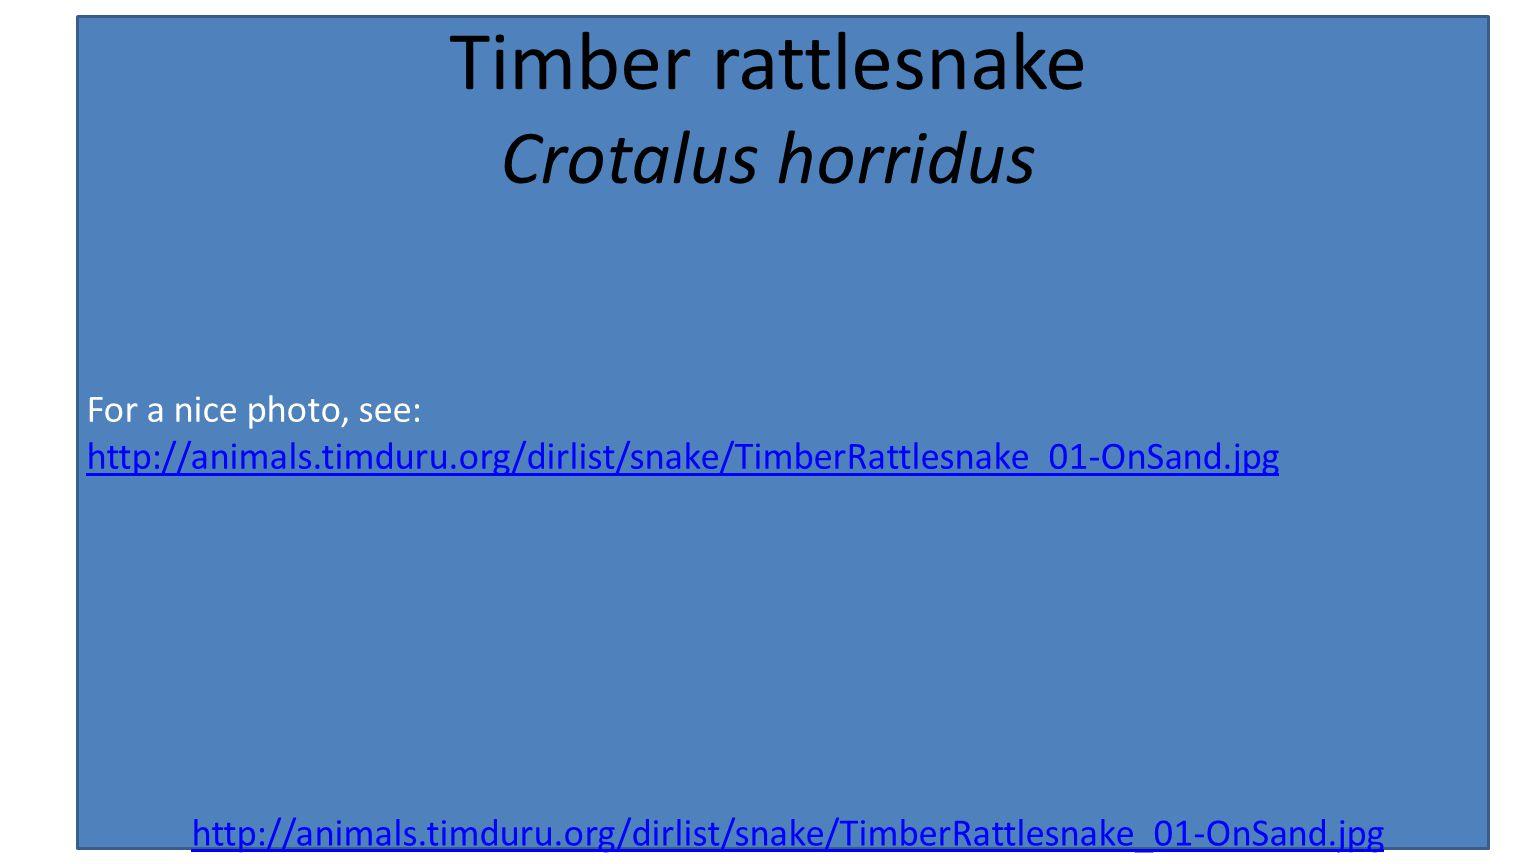 For a nice photo, see: http://animals.timduru.org/dirlist/snake/TimberRattlesnake_01-OnSand.jpg Timber rattlesnake Crotalus horridus http://animals.timduru.org/dirlist/snake/TimberRattlesnake_01-OnSand.jpg